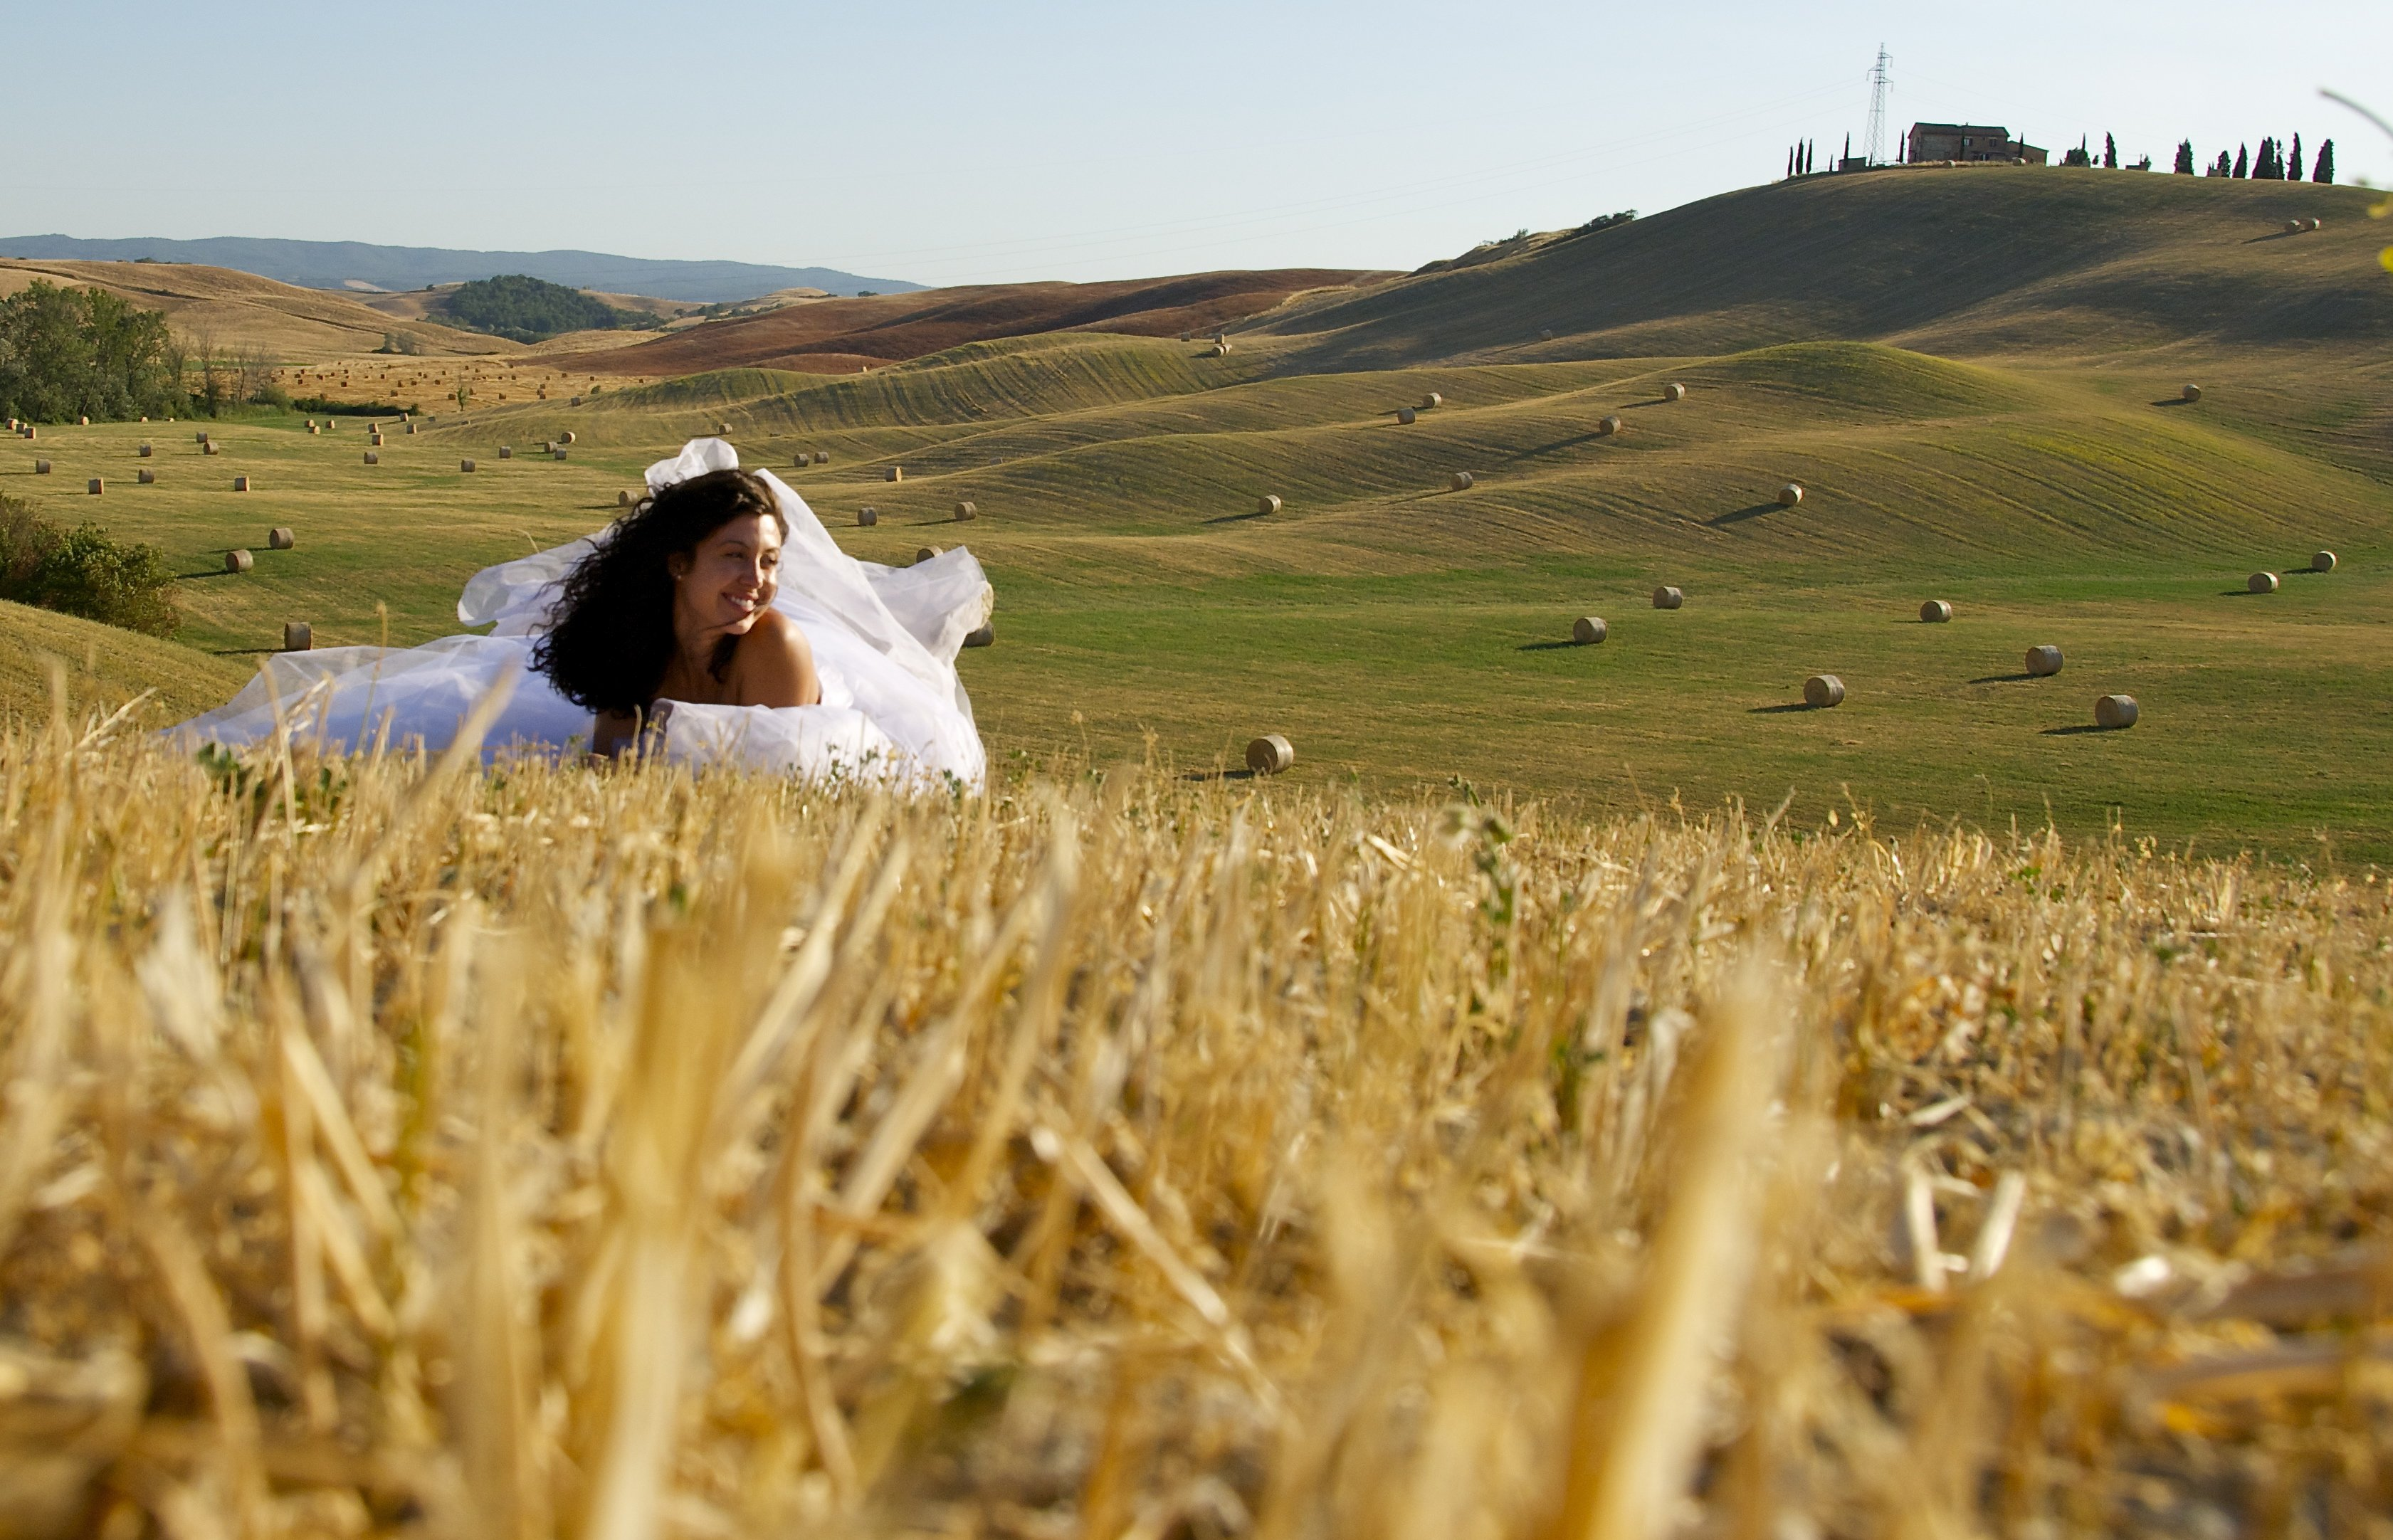 sposa in posa in un campo di grano trebbiato